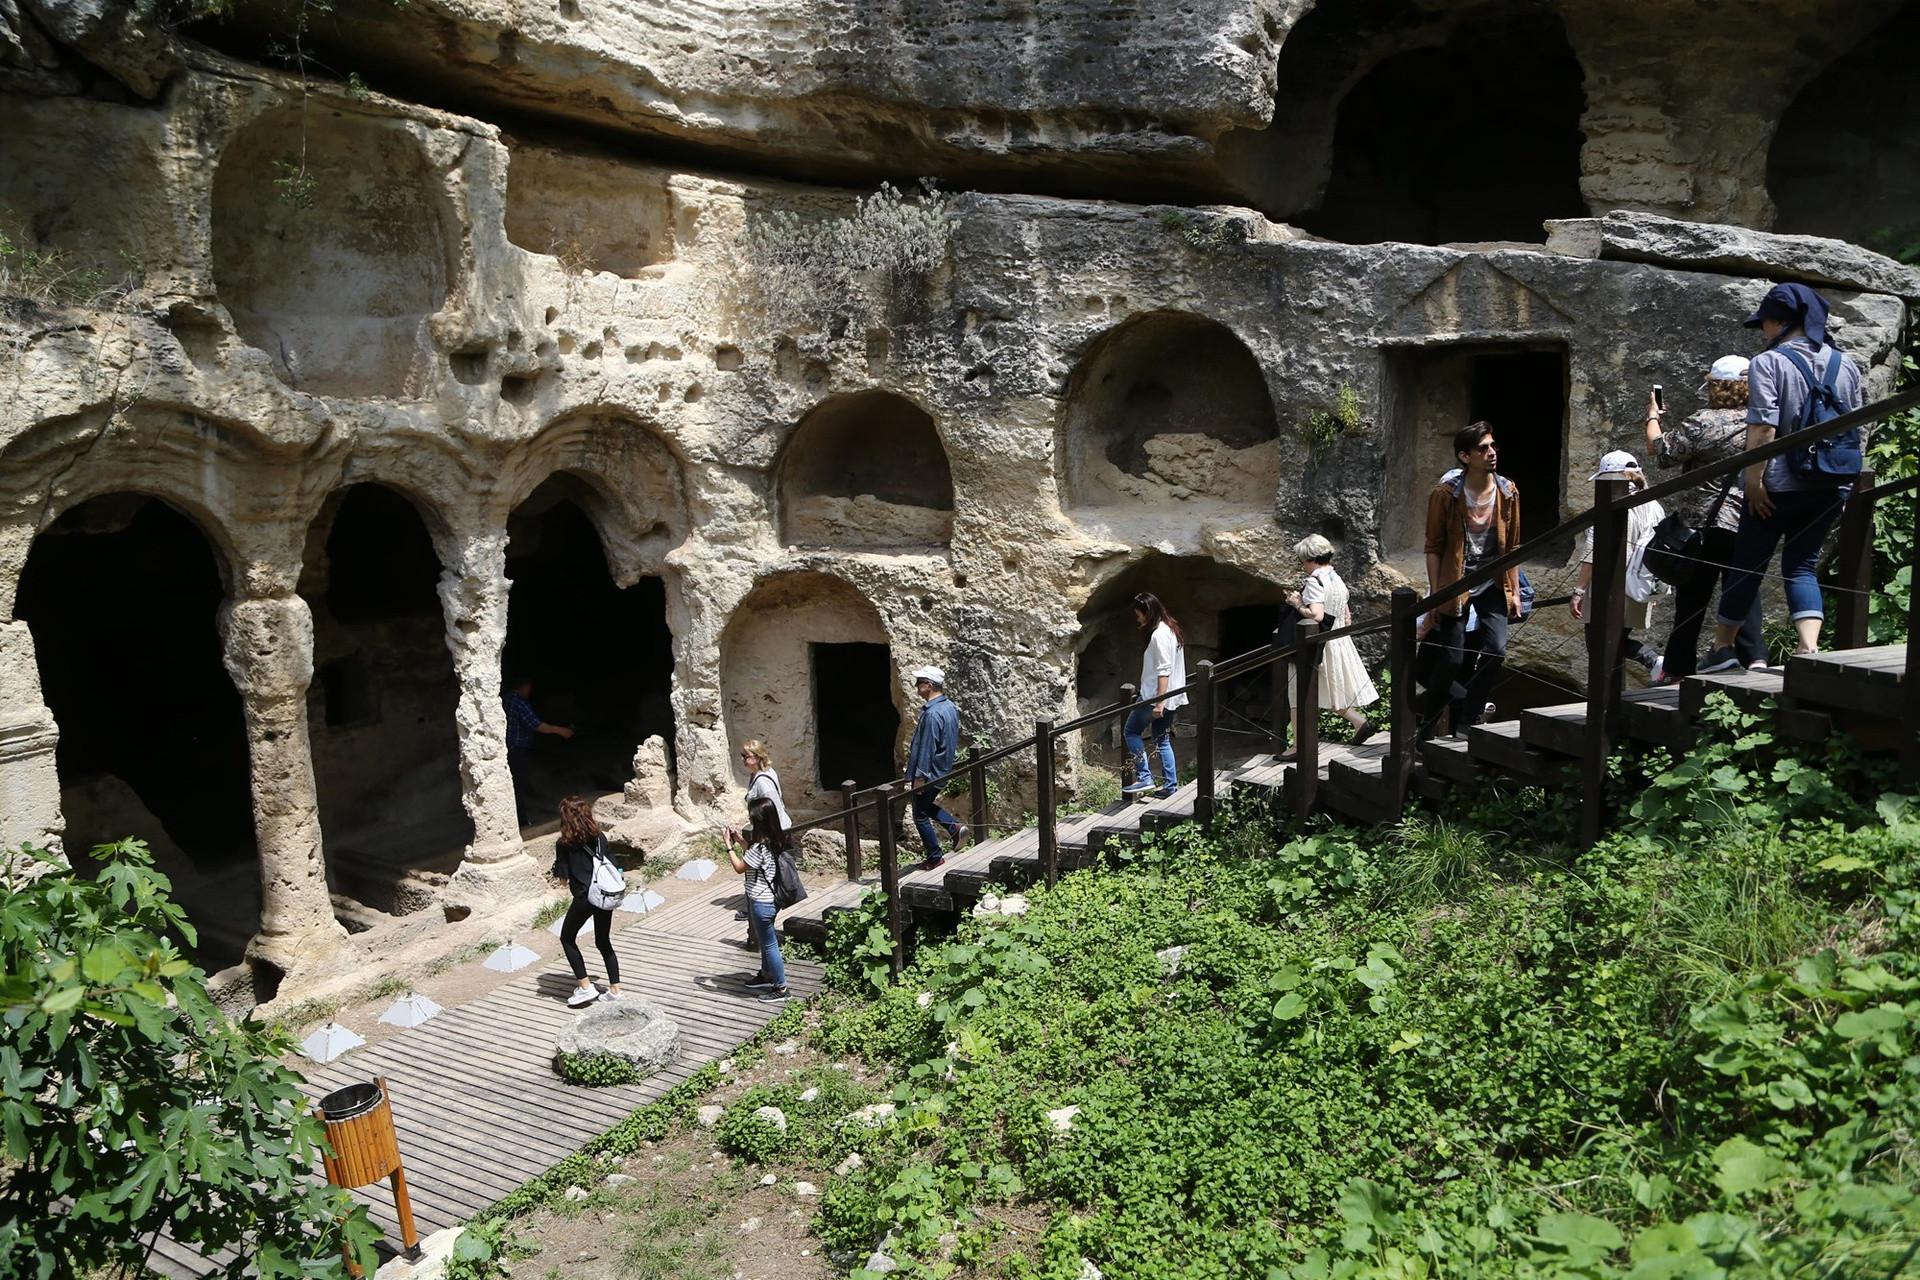 Kỳ quan ngăn nước lũ 2000 năm trước ở Thổ Nhĩ Kỳ - 2